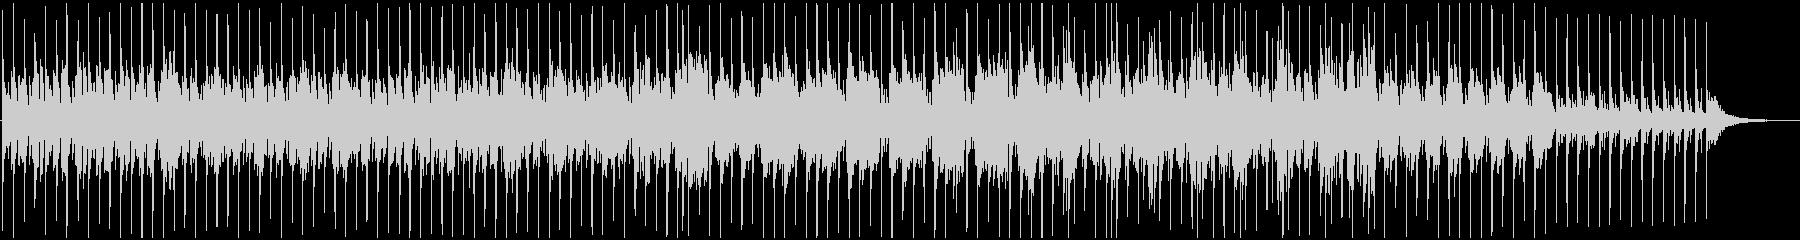 レトロなシンセPOPの未再生の波形